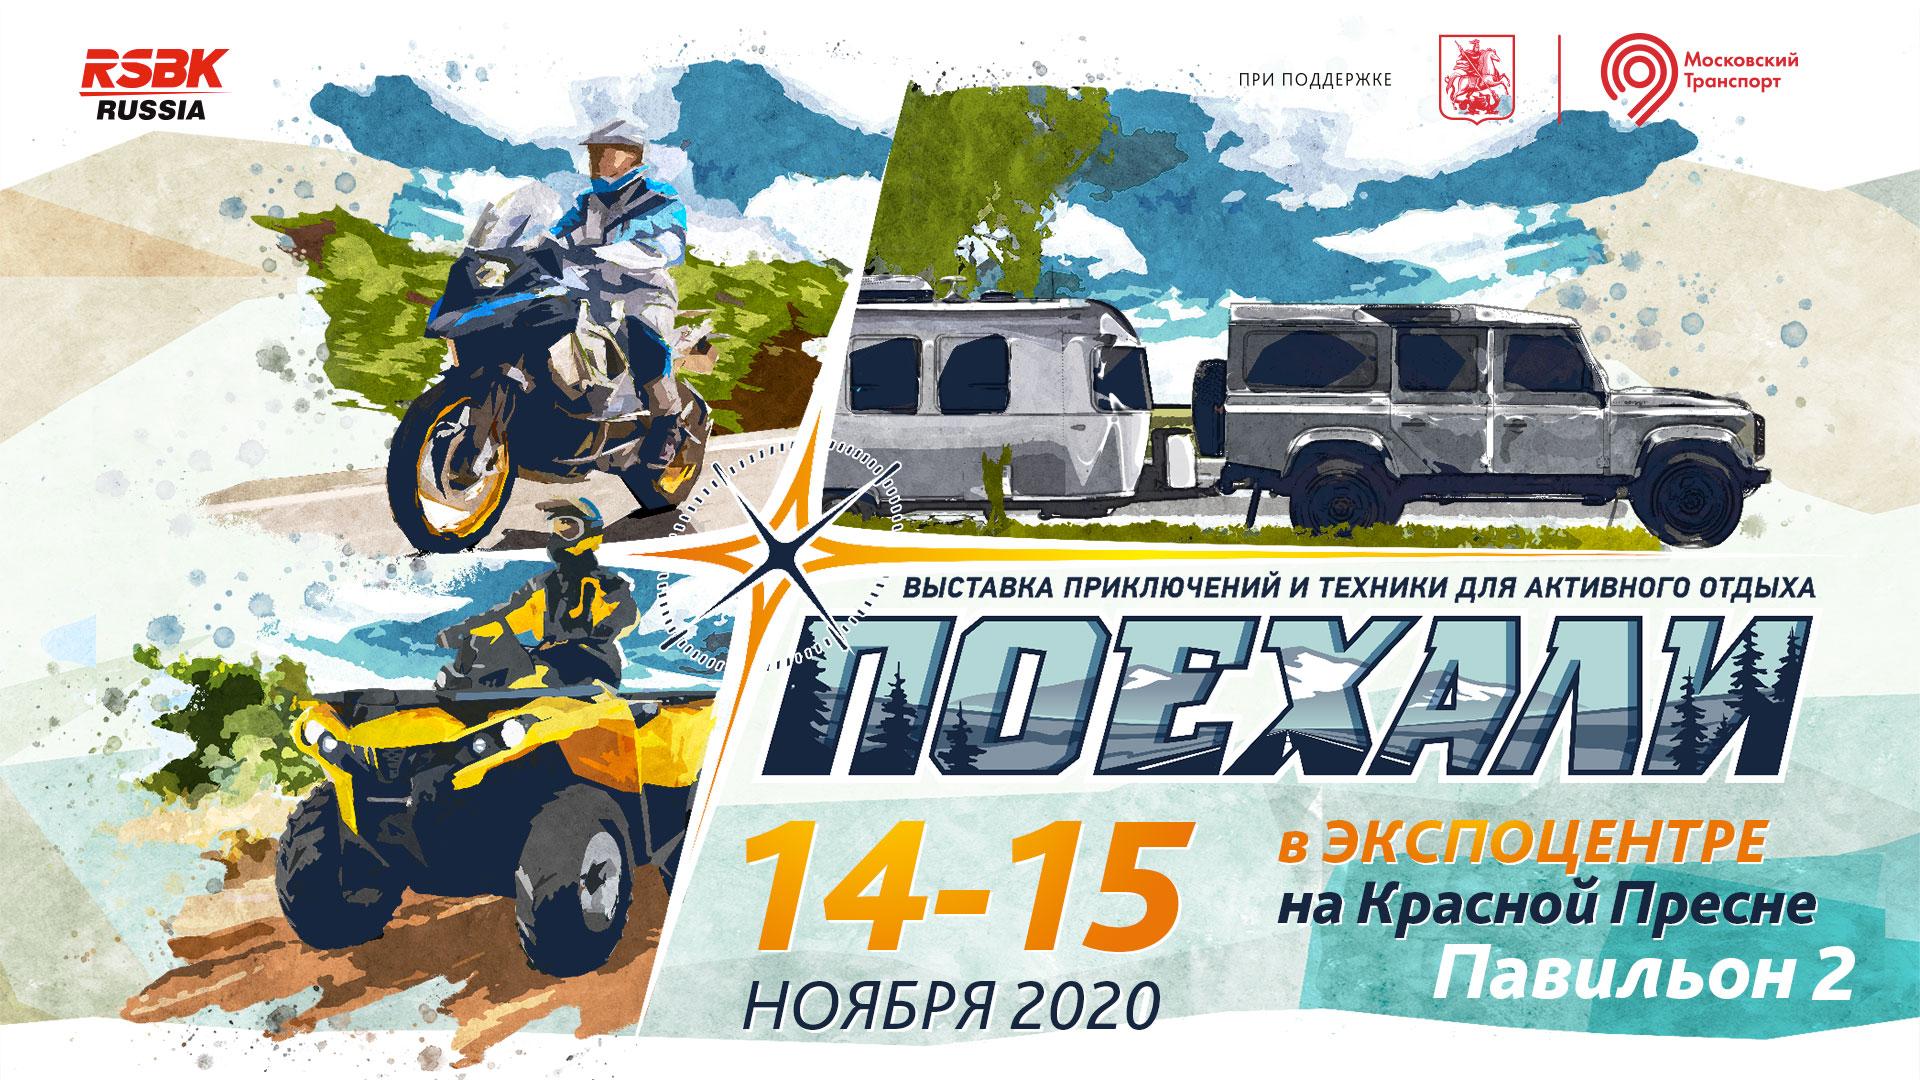 Международная выставка приключенийи техники для активного отдыха «ПОЕХАЛИ-2020»